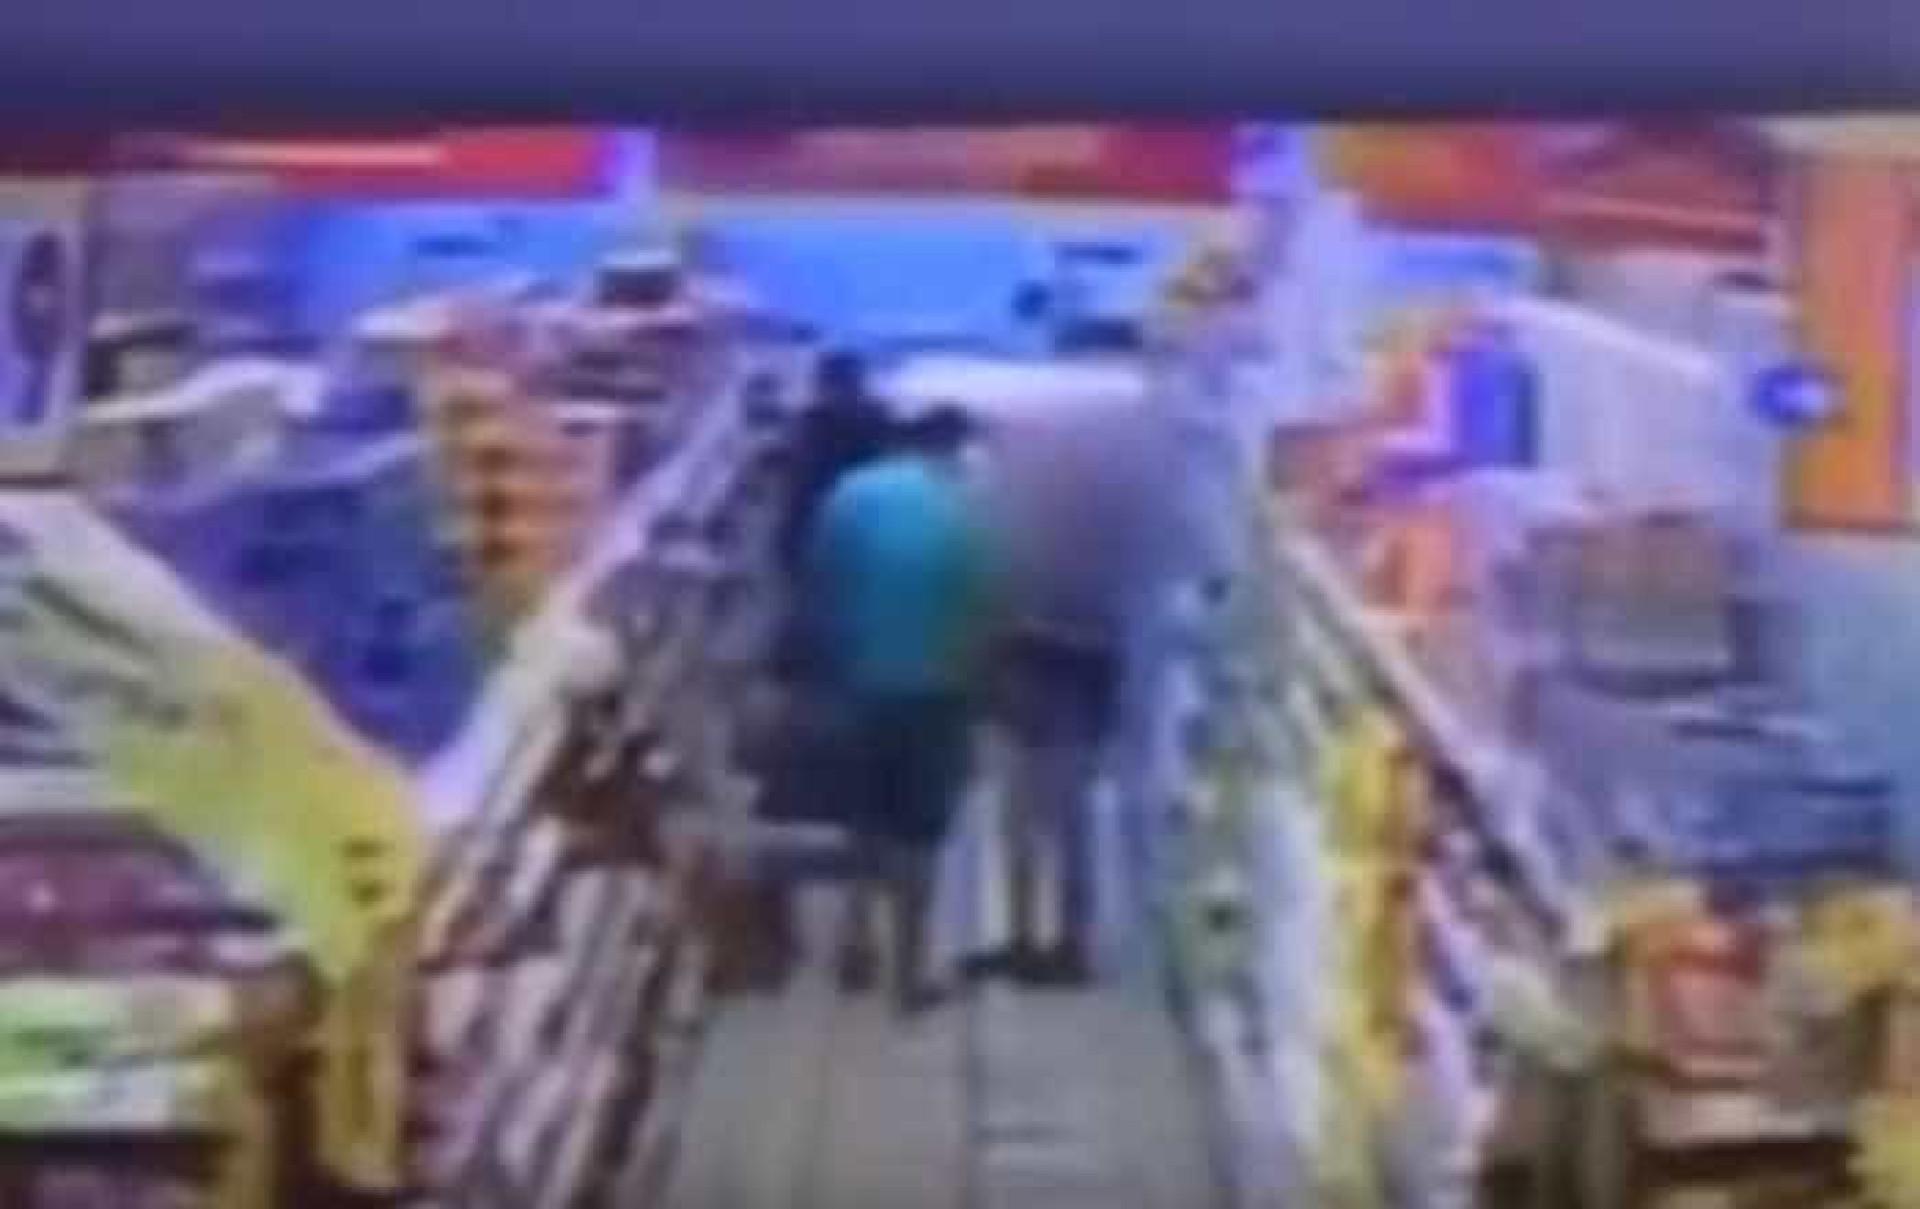 Menina de 11 anos é assediada dentro de mercado em Manaus; vídeo